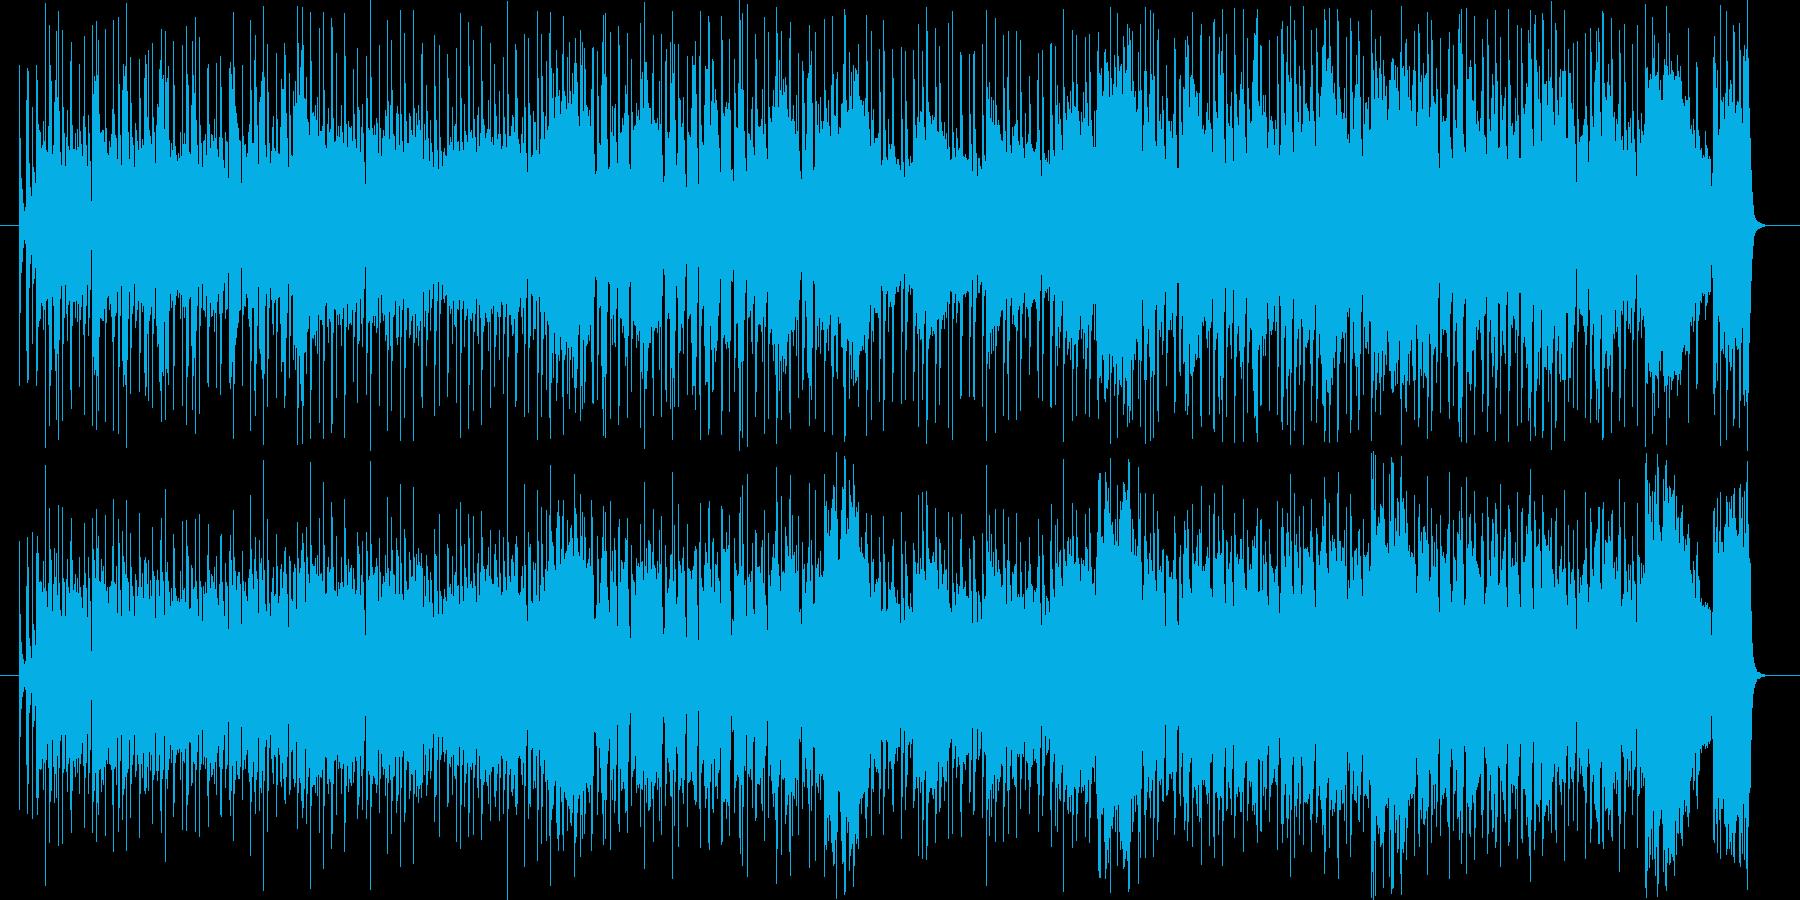 ファンク 躍動 テーマ 元気の再生済みの波形